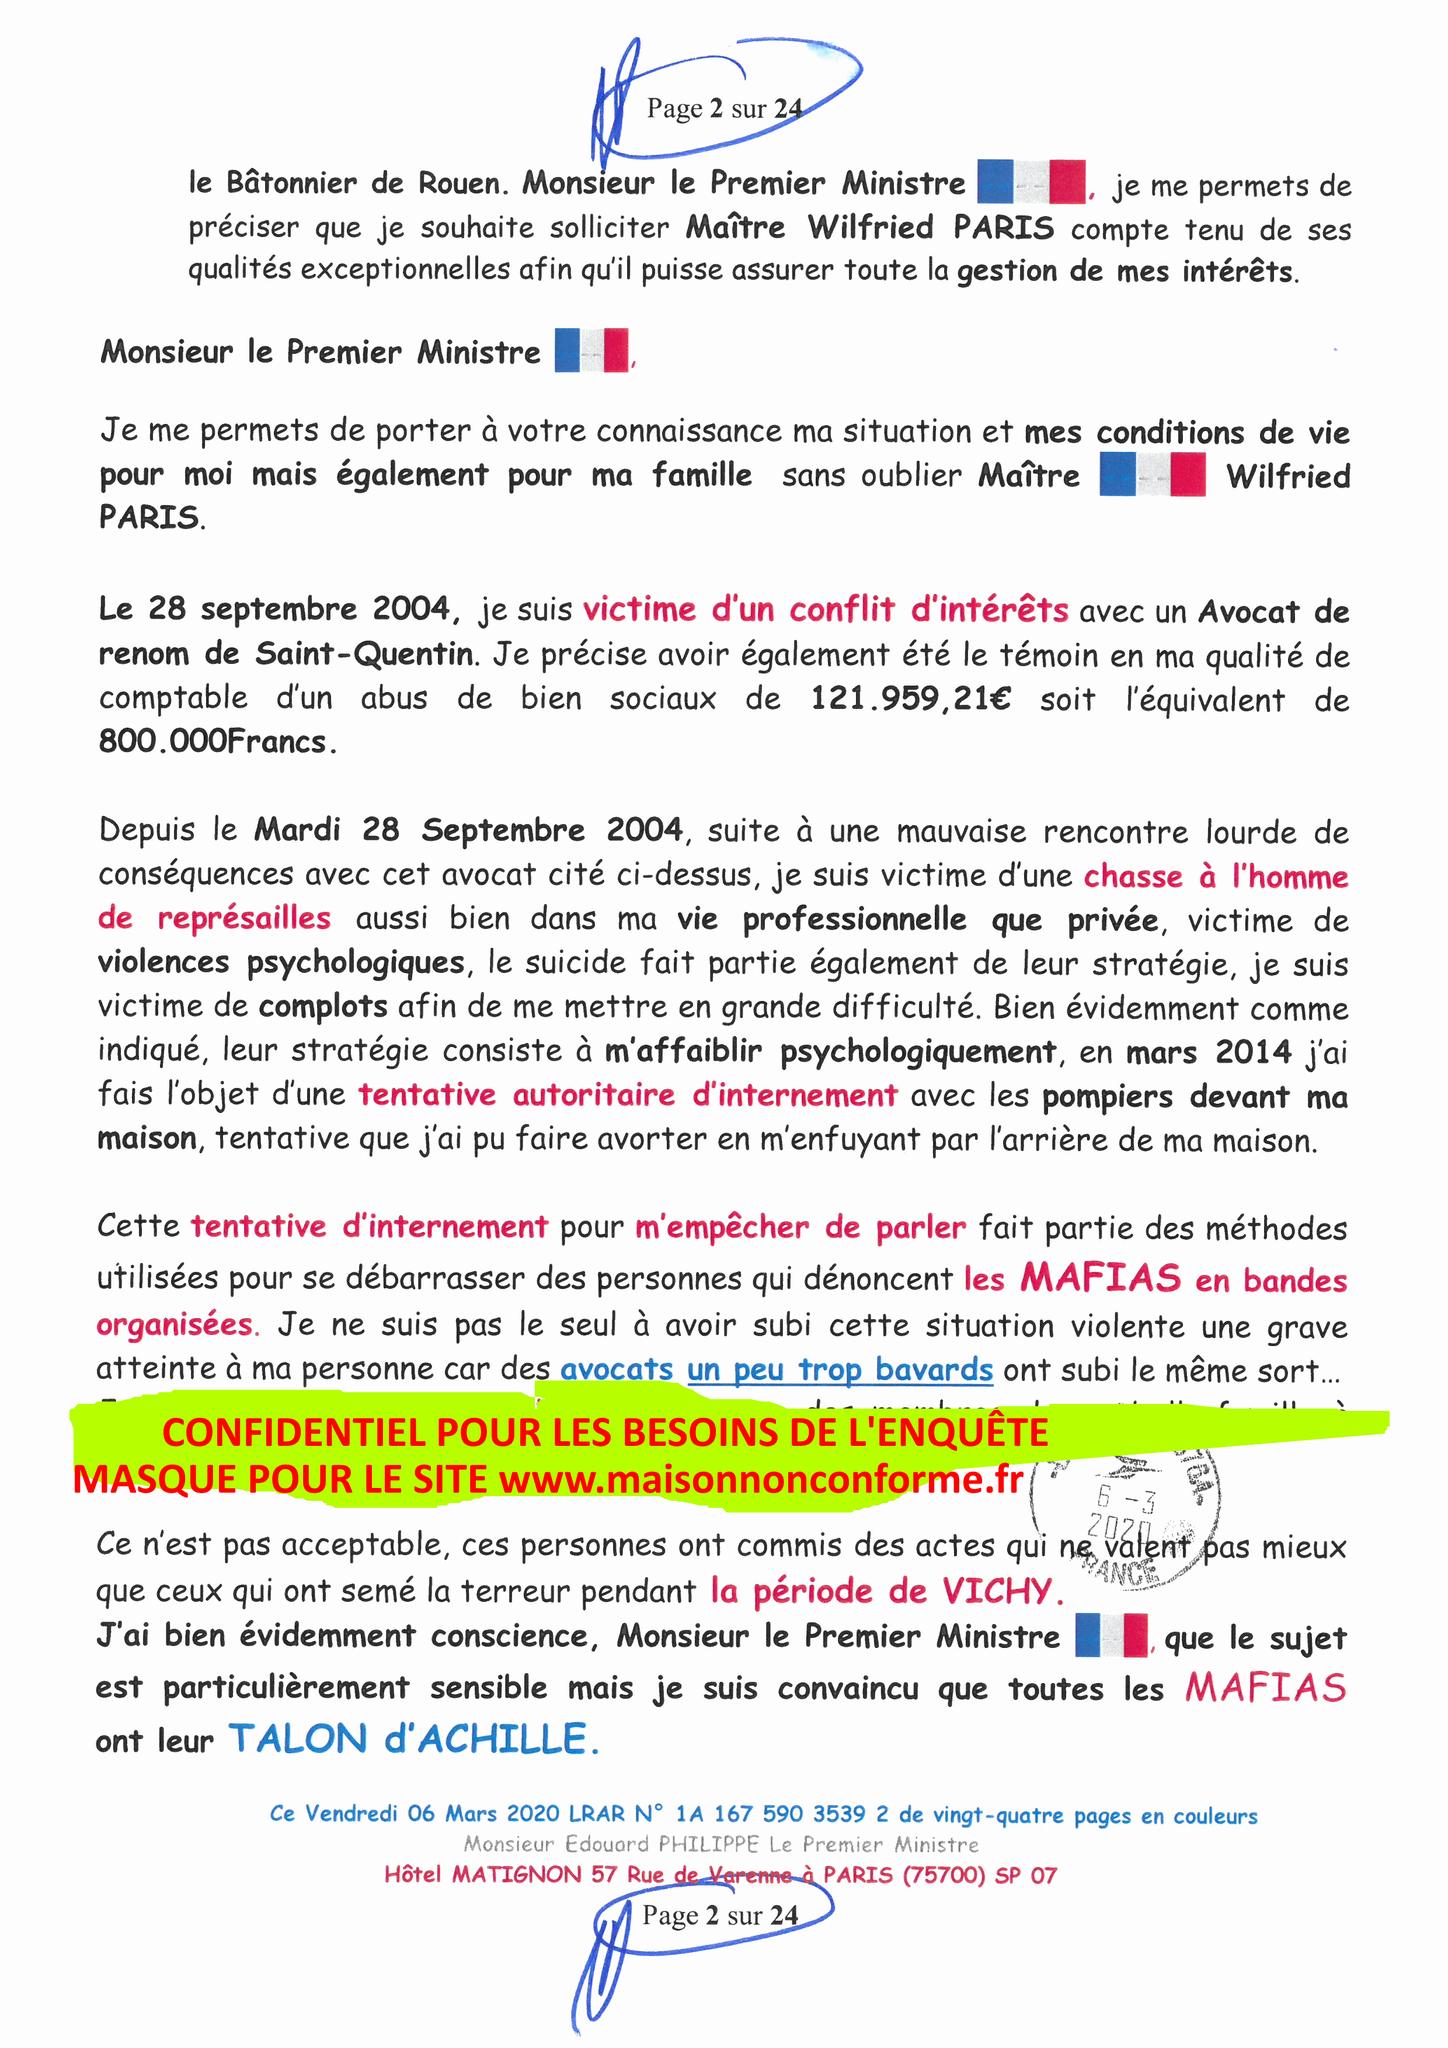 Ma LRAR à Monsieur le  Premier Ministre Edouard PHILIPPE N° 1A 167 590 3539 2 Page 2 sur 24 en Couleur du 06 Mars 2020  www.jesuispatrick.fr